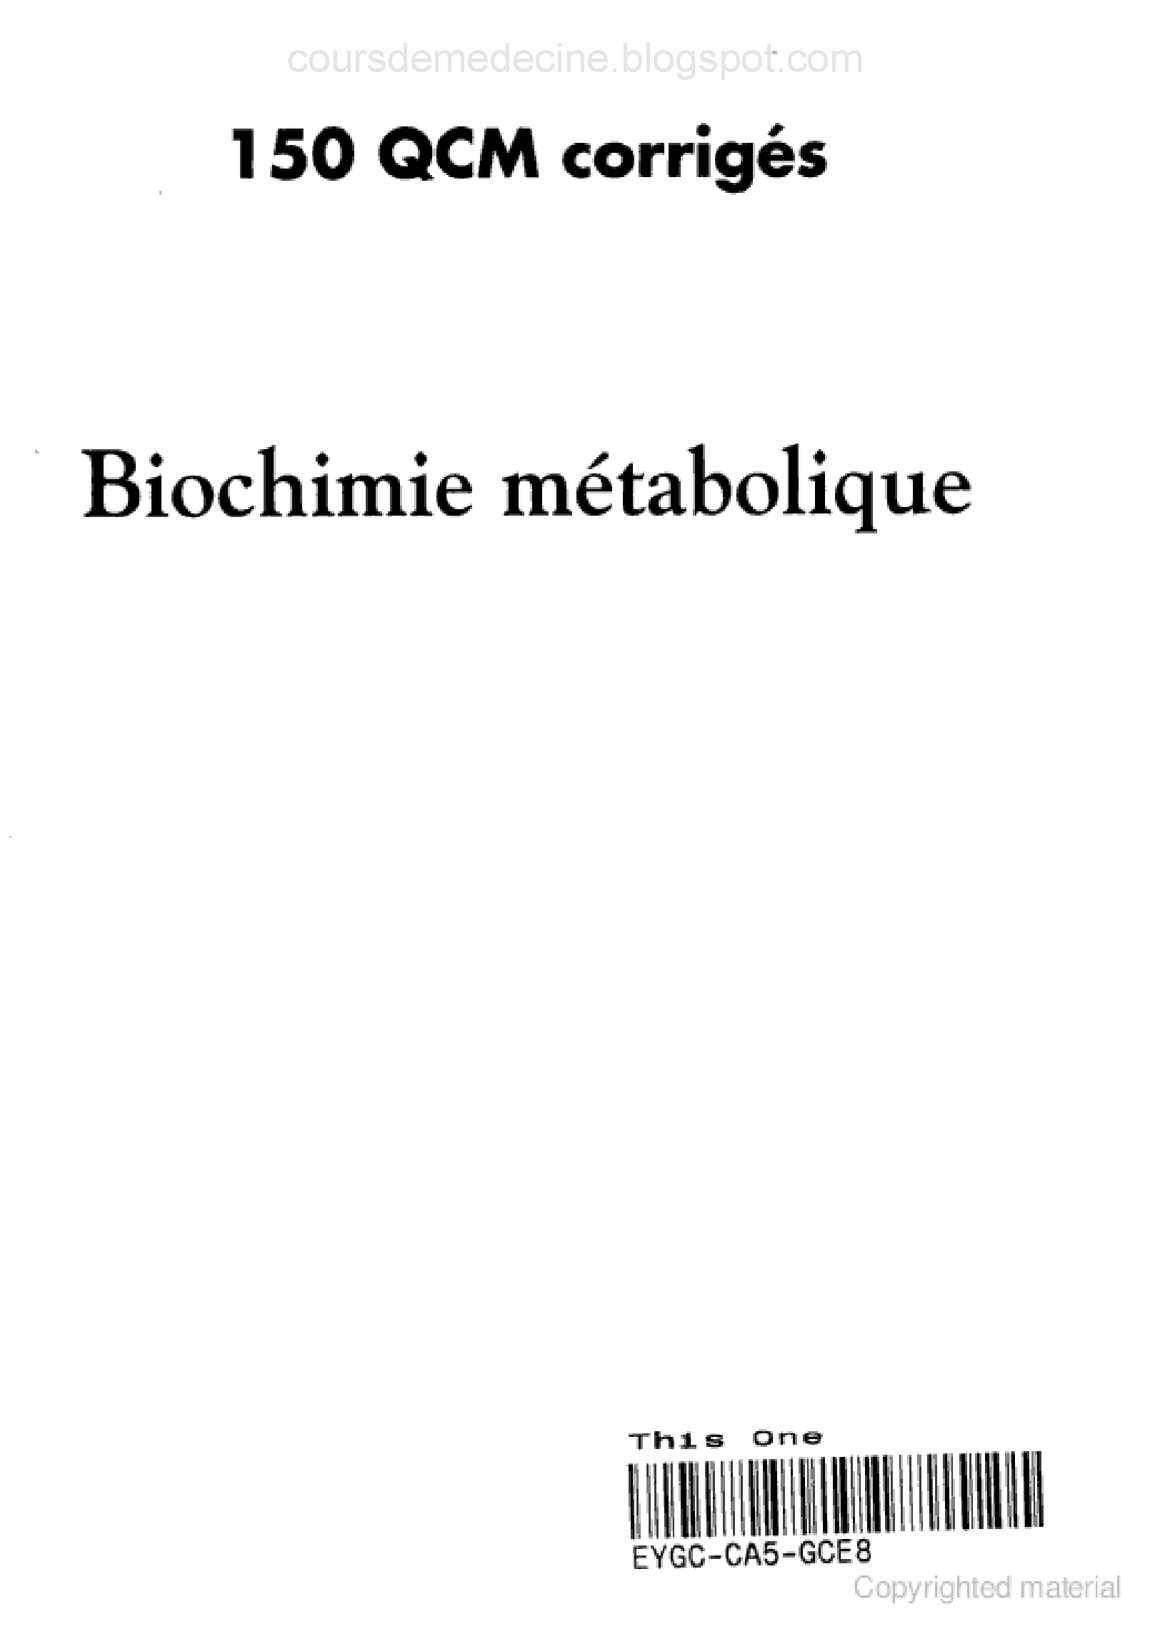 QCM TÉLÉCHARGER 150 CORRIGÉS MÉTABOLIQUE BIOCHIMIE